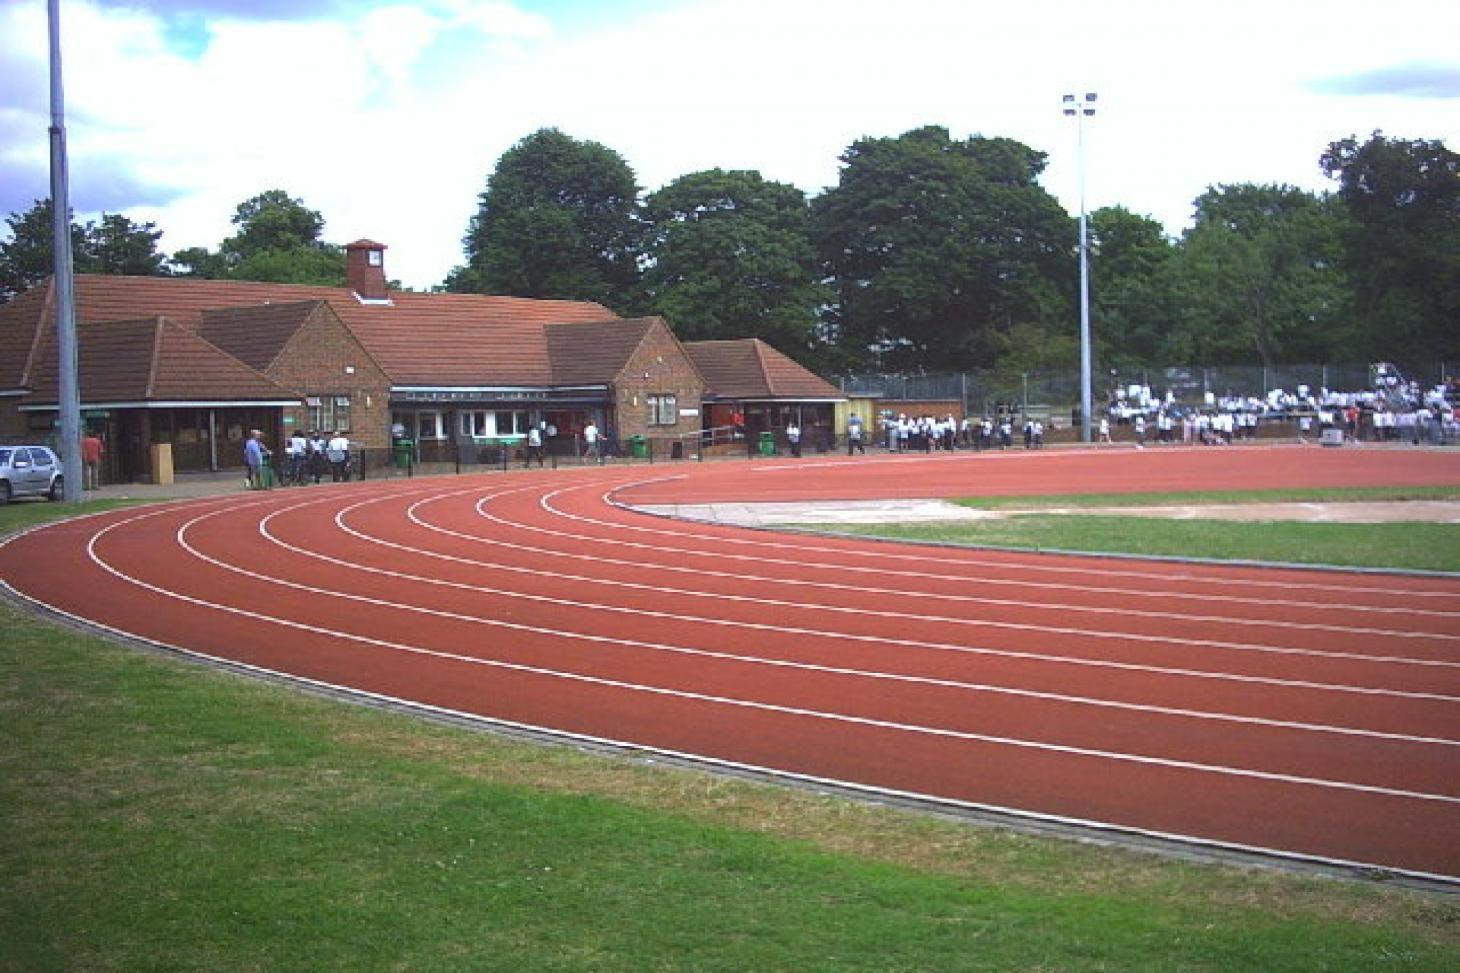 Tooting Bec Athletics Track Gym gym